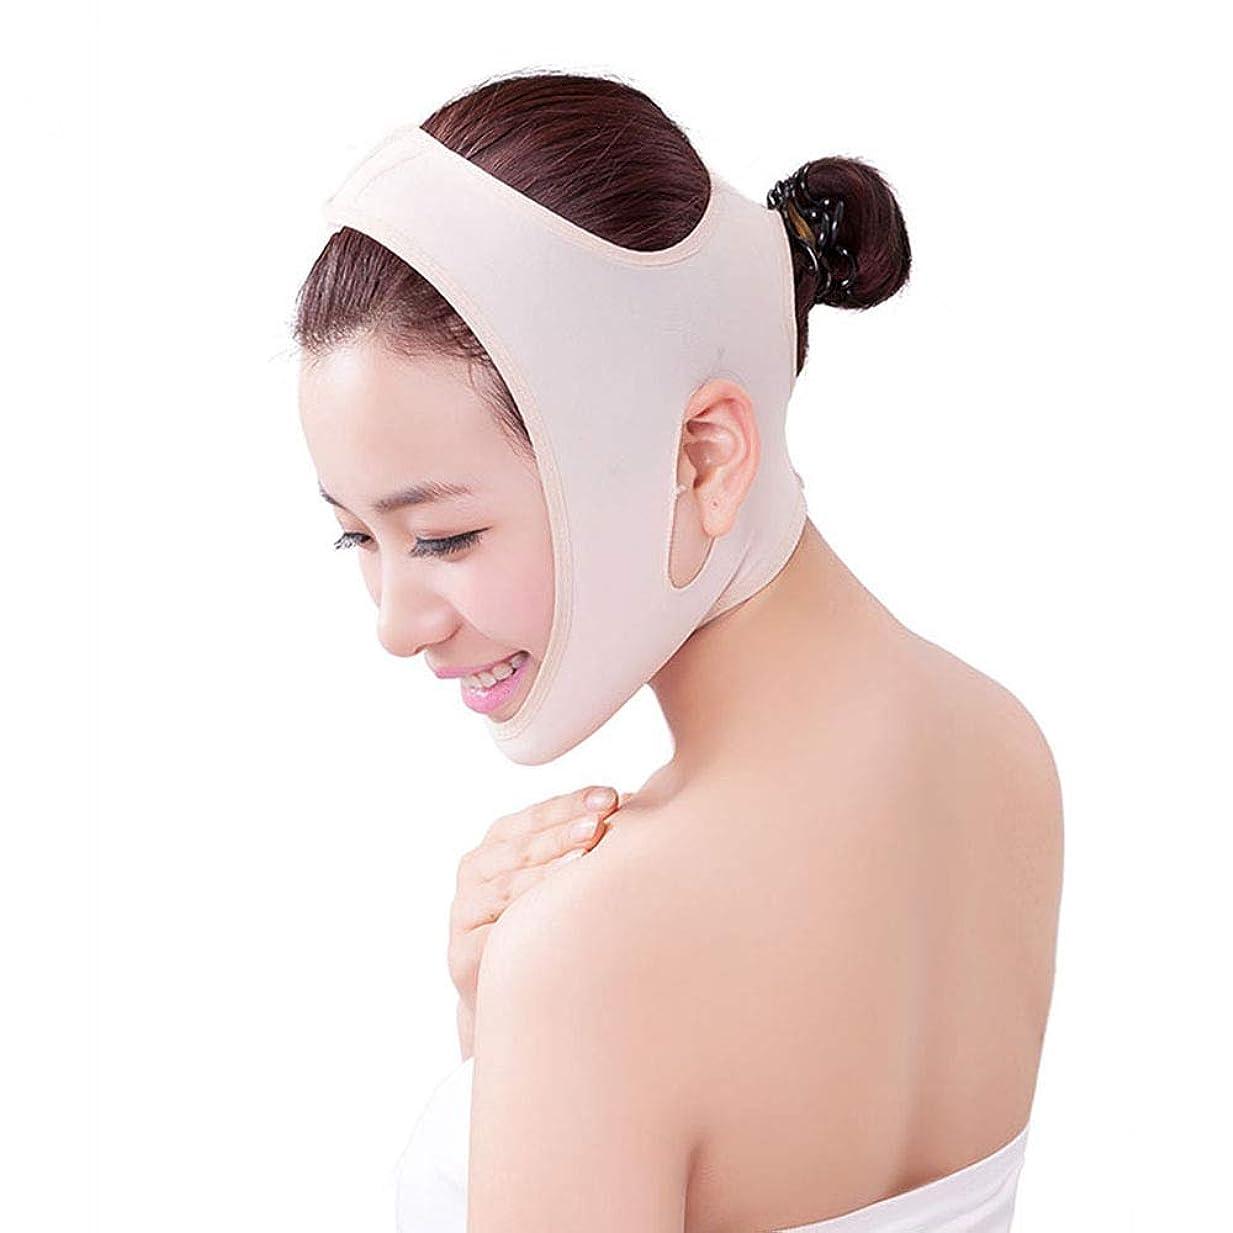 癌欠点チャーミングフェイスリフティング包帯、ダブルチンリフト、法律、男性用および女性用マスクへの固着、vフェイスマスク,XL